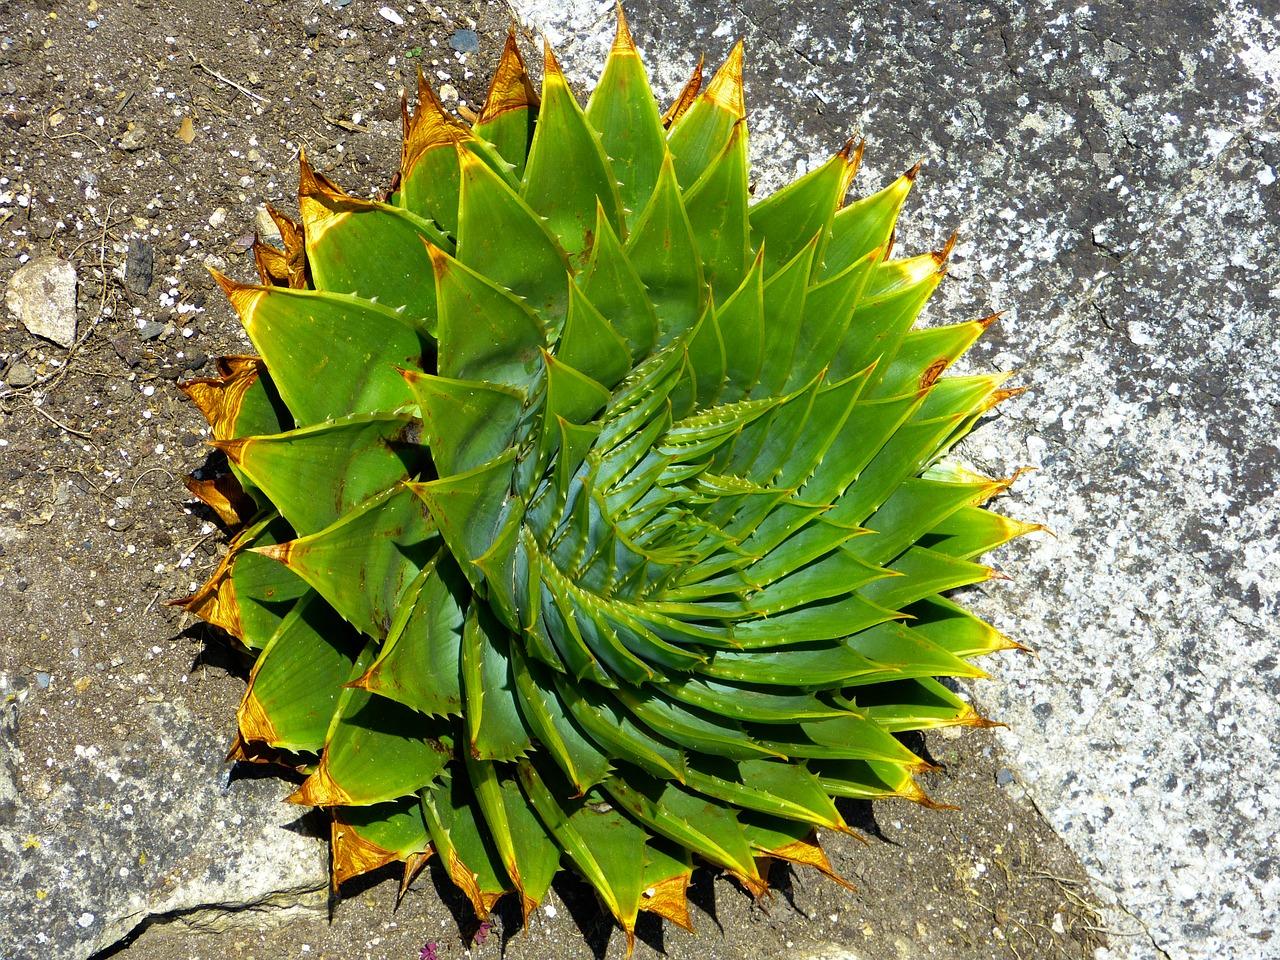 Aloes – właściwości i zastosowanie. Aloes do jedzenia i do picia. Sok z aloesu: cena